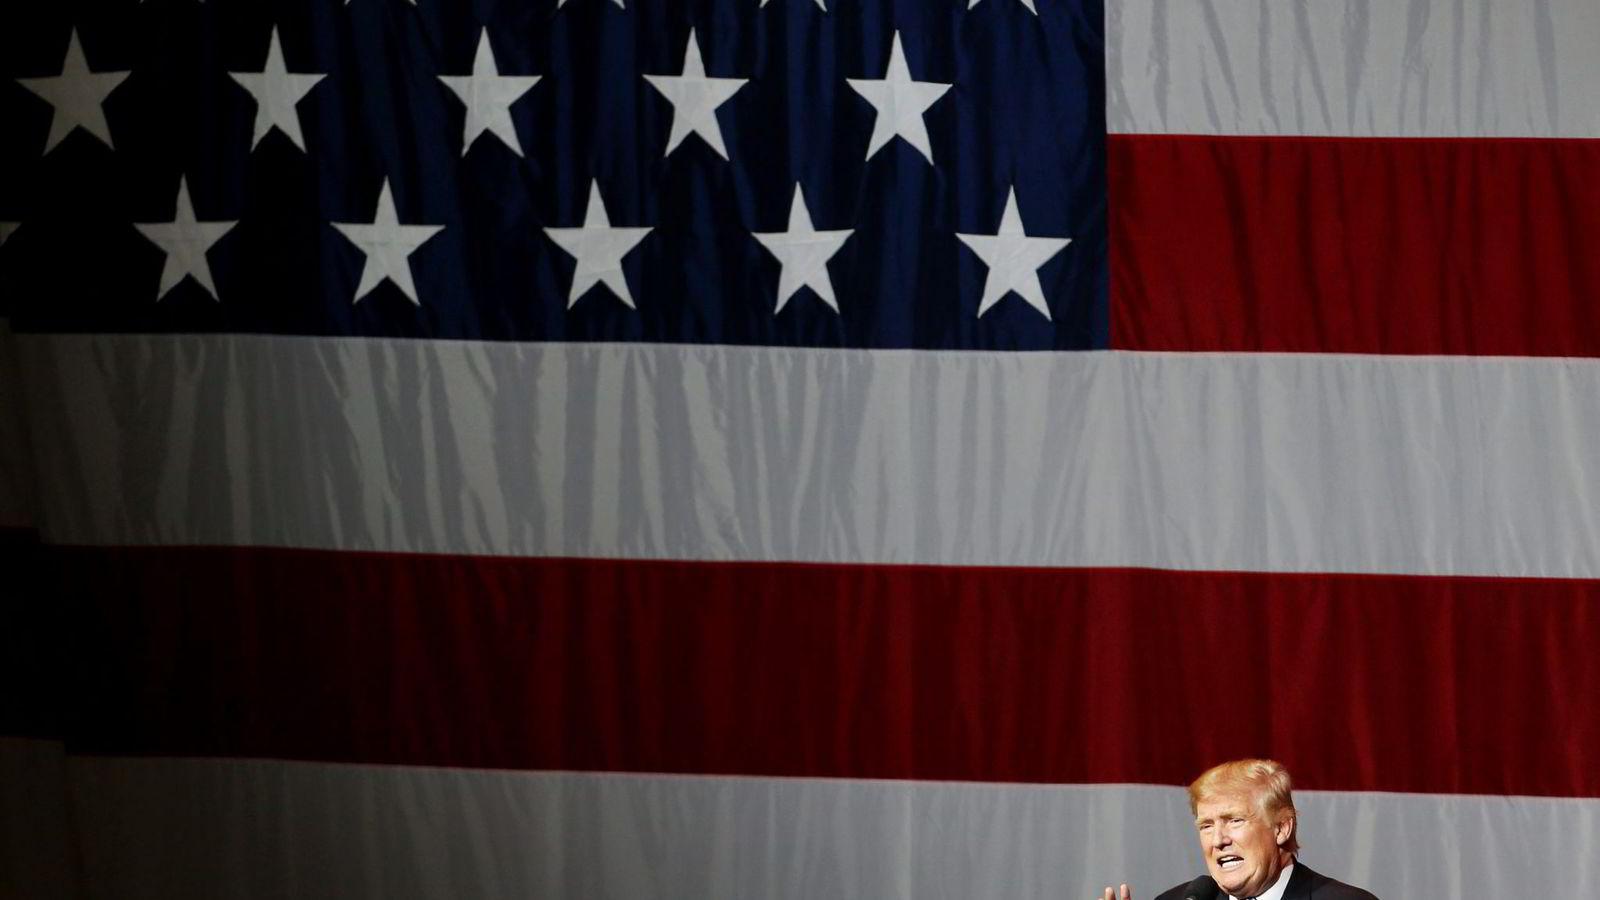 De som i høst satset penger på at realitystjernen Donad Trump skulle bli republikanernes presidentkandidat, har tjent veldig gode penger.                Foto: Tasos Katopodis/AP/NTB Scanpix